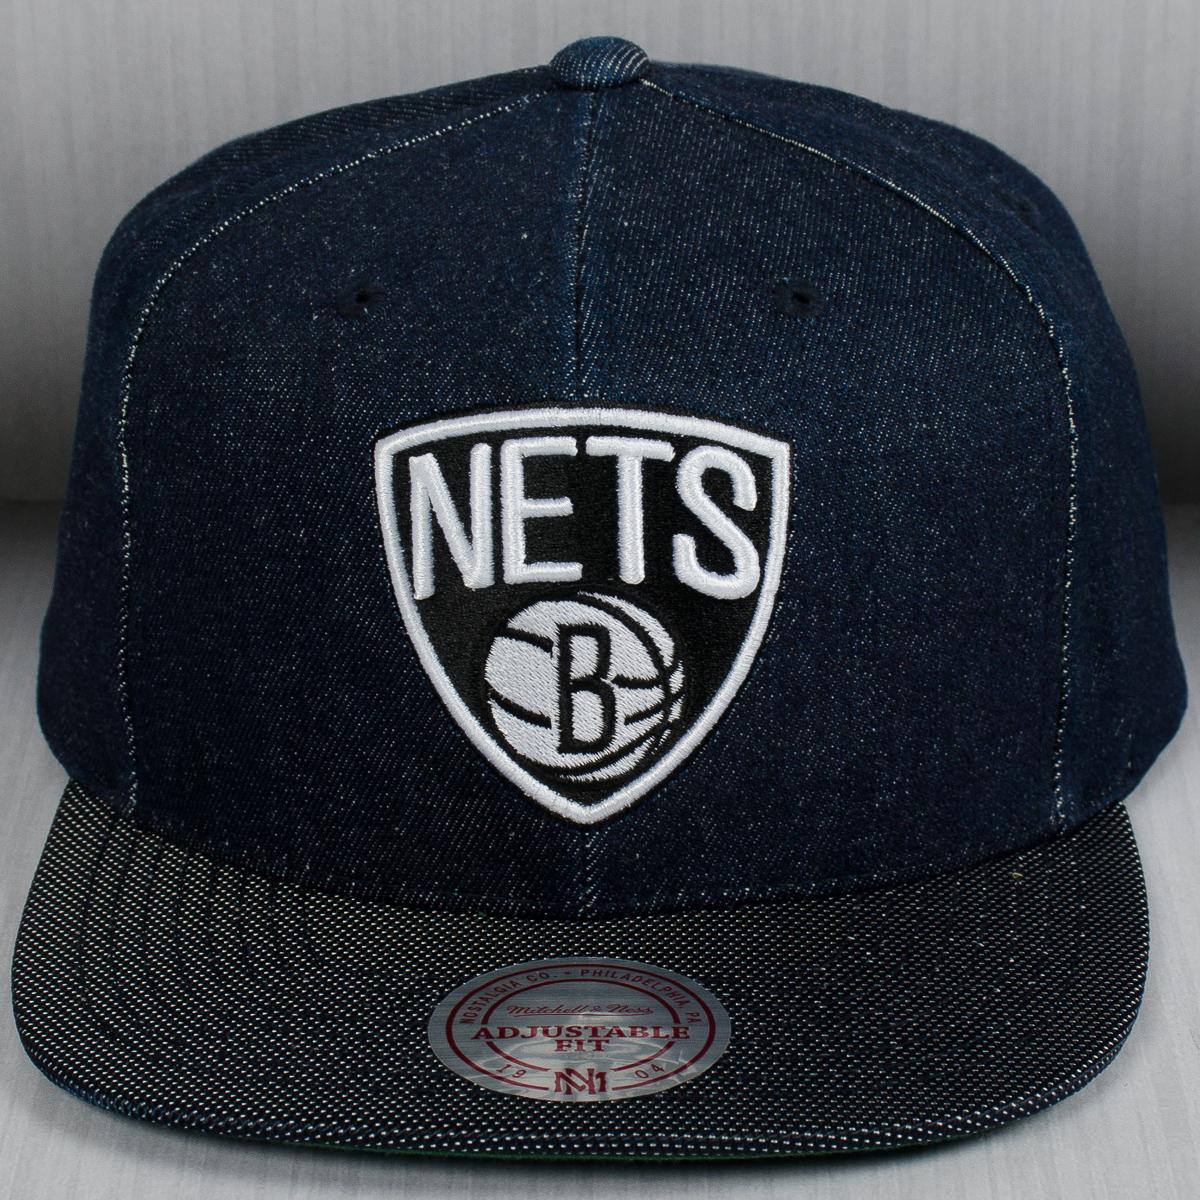 size 40 14de9 7c7f1 Mitchell   Ness NBA Brooklyn Nets Raw Denim Snapback Cap